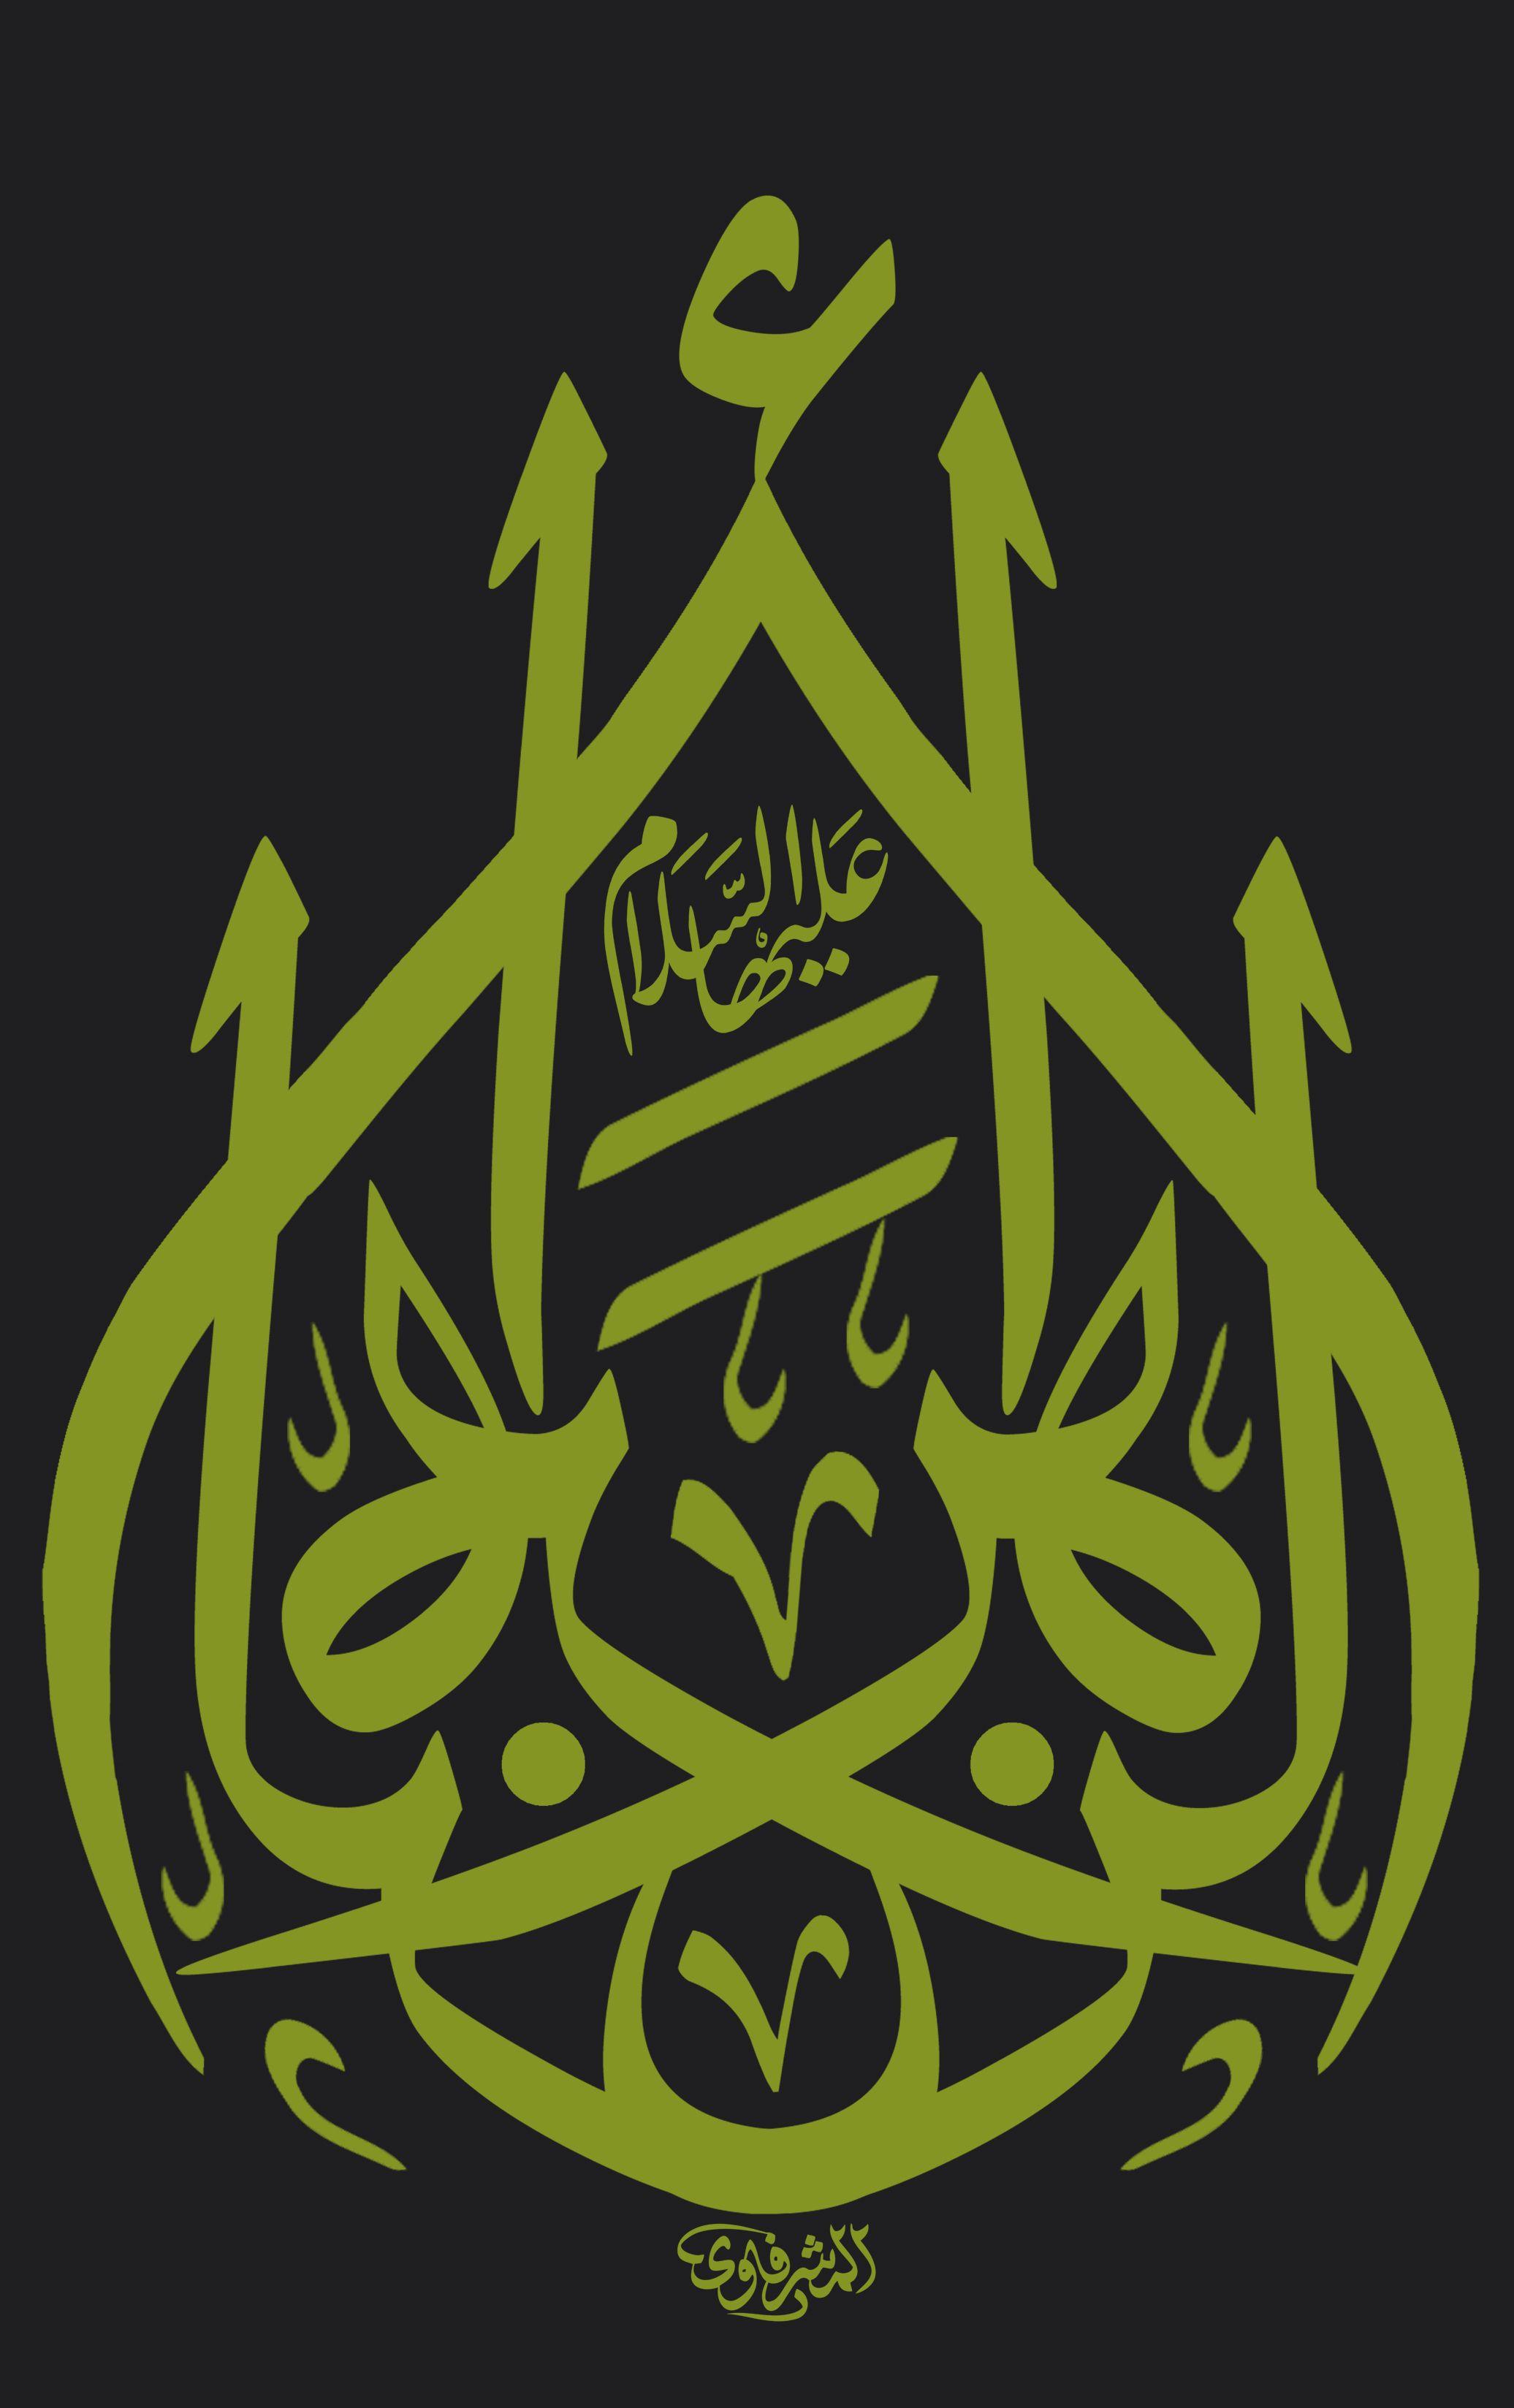 السيدة فاطمة الزهراء عليها السلام الخطاط محمد الحسني المشرفاوي Islamic Calligraphy Allah Outdoor Wall Lighting